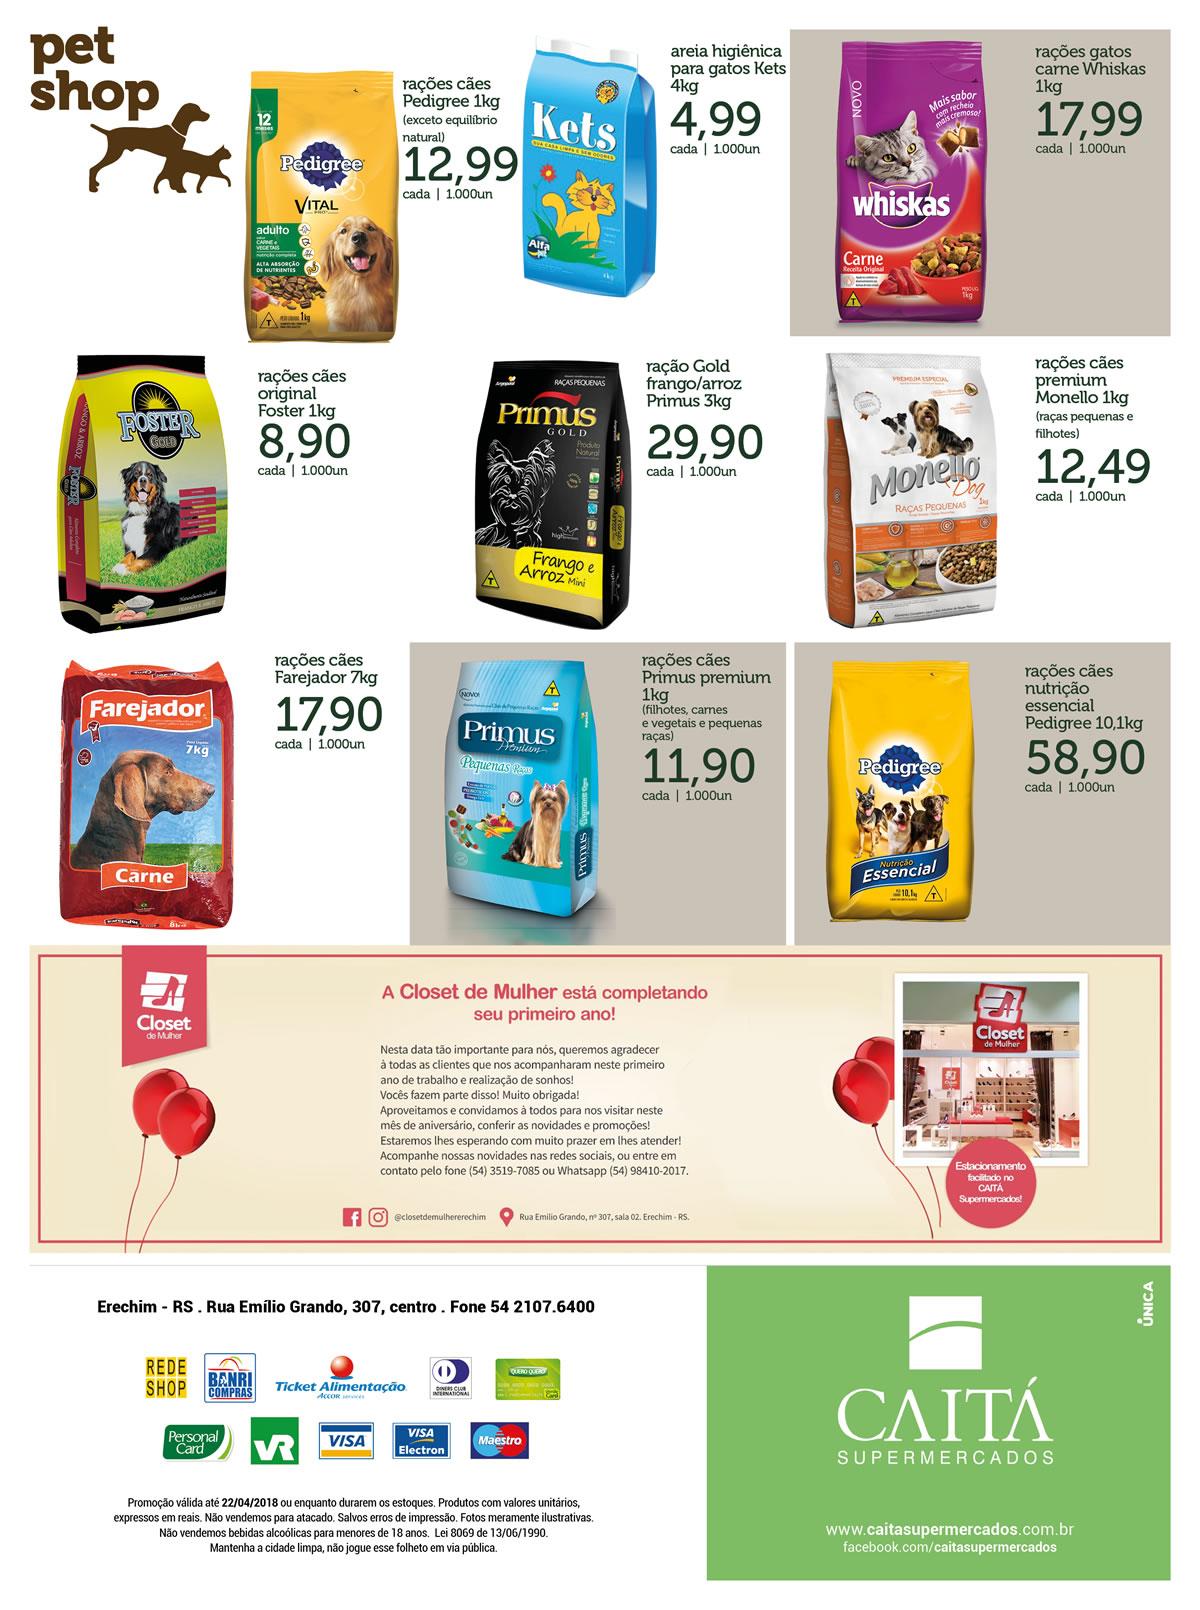 caita_supermercados_tabloide_abril_erechim_20